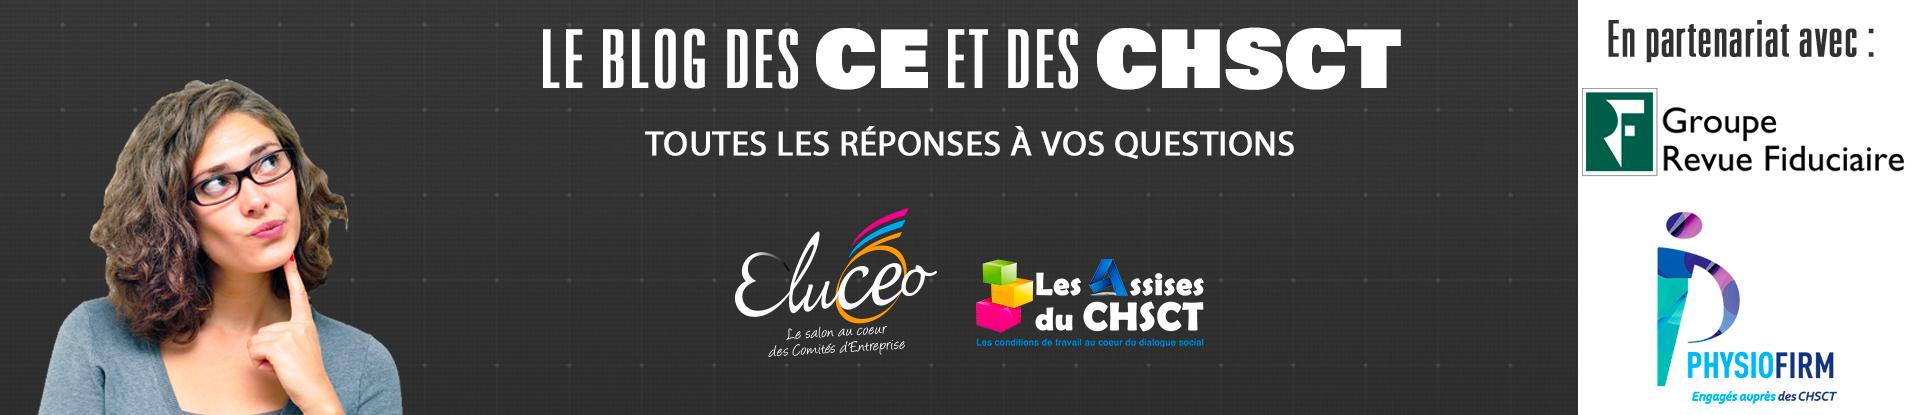 blog des cse